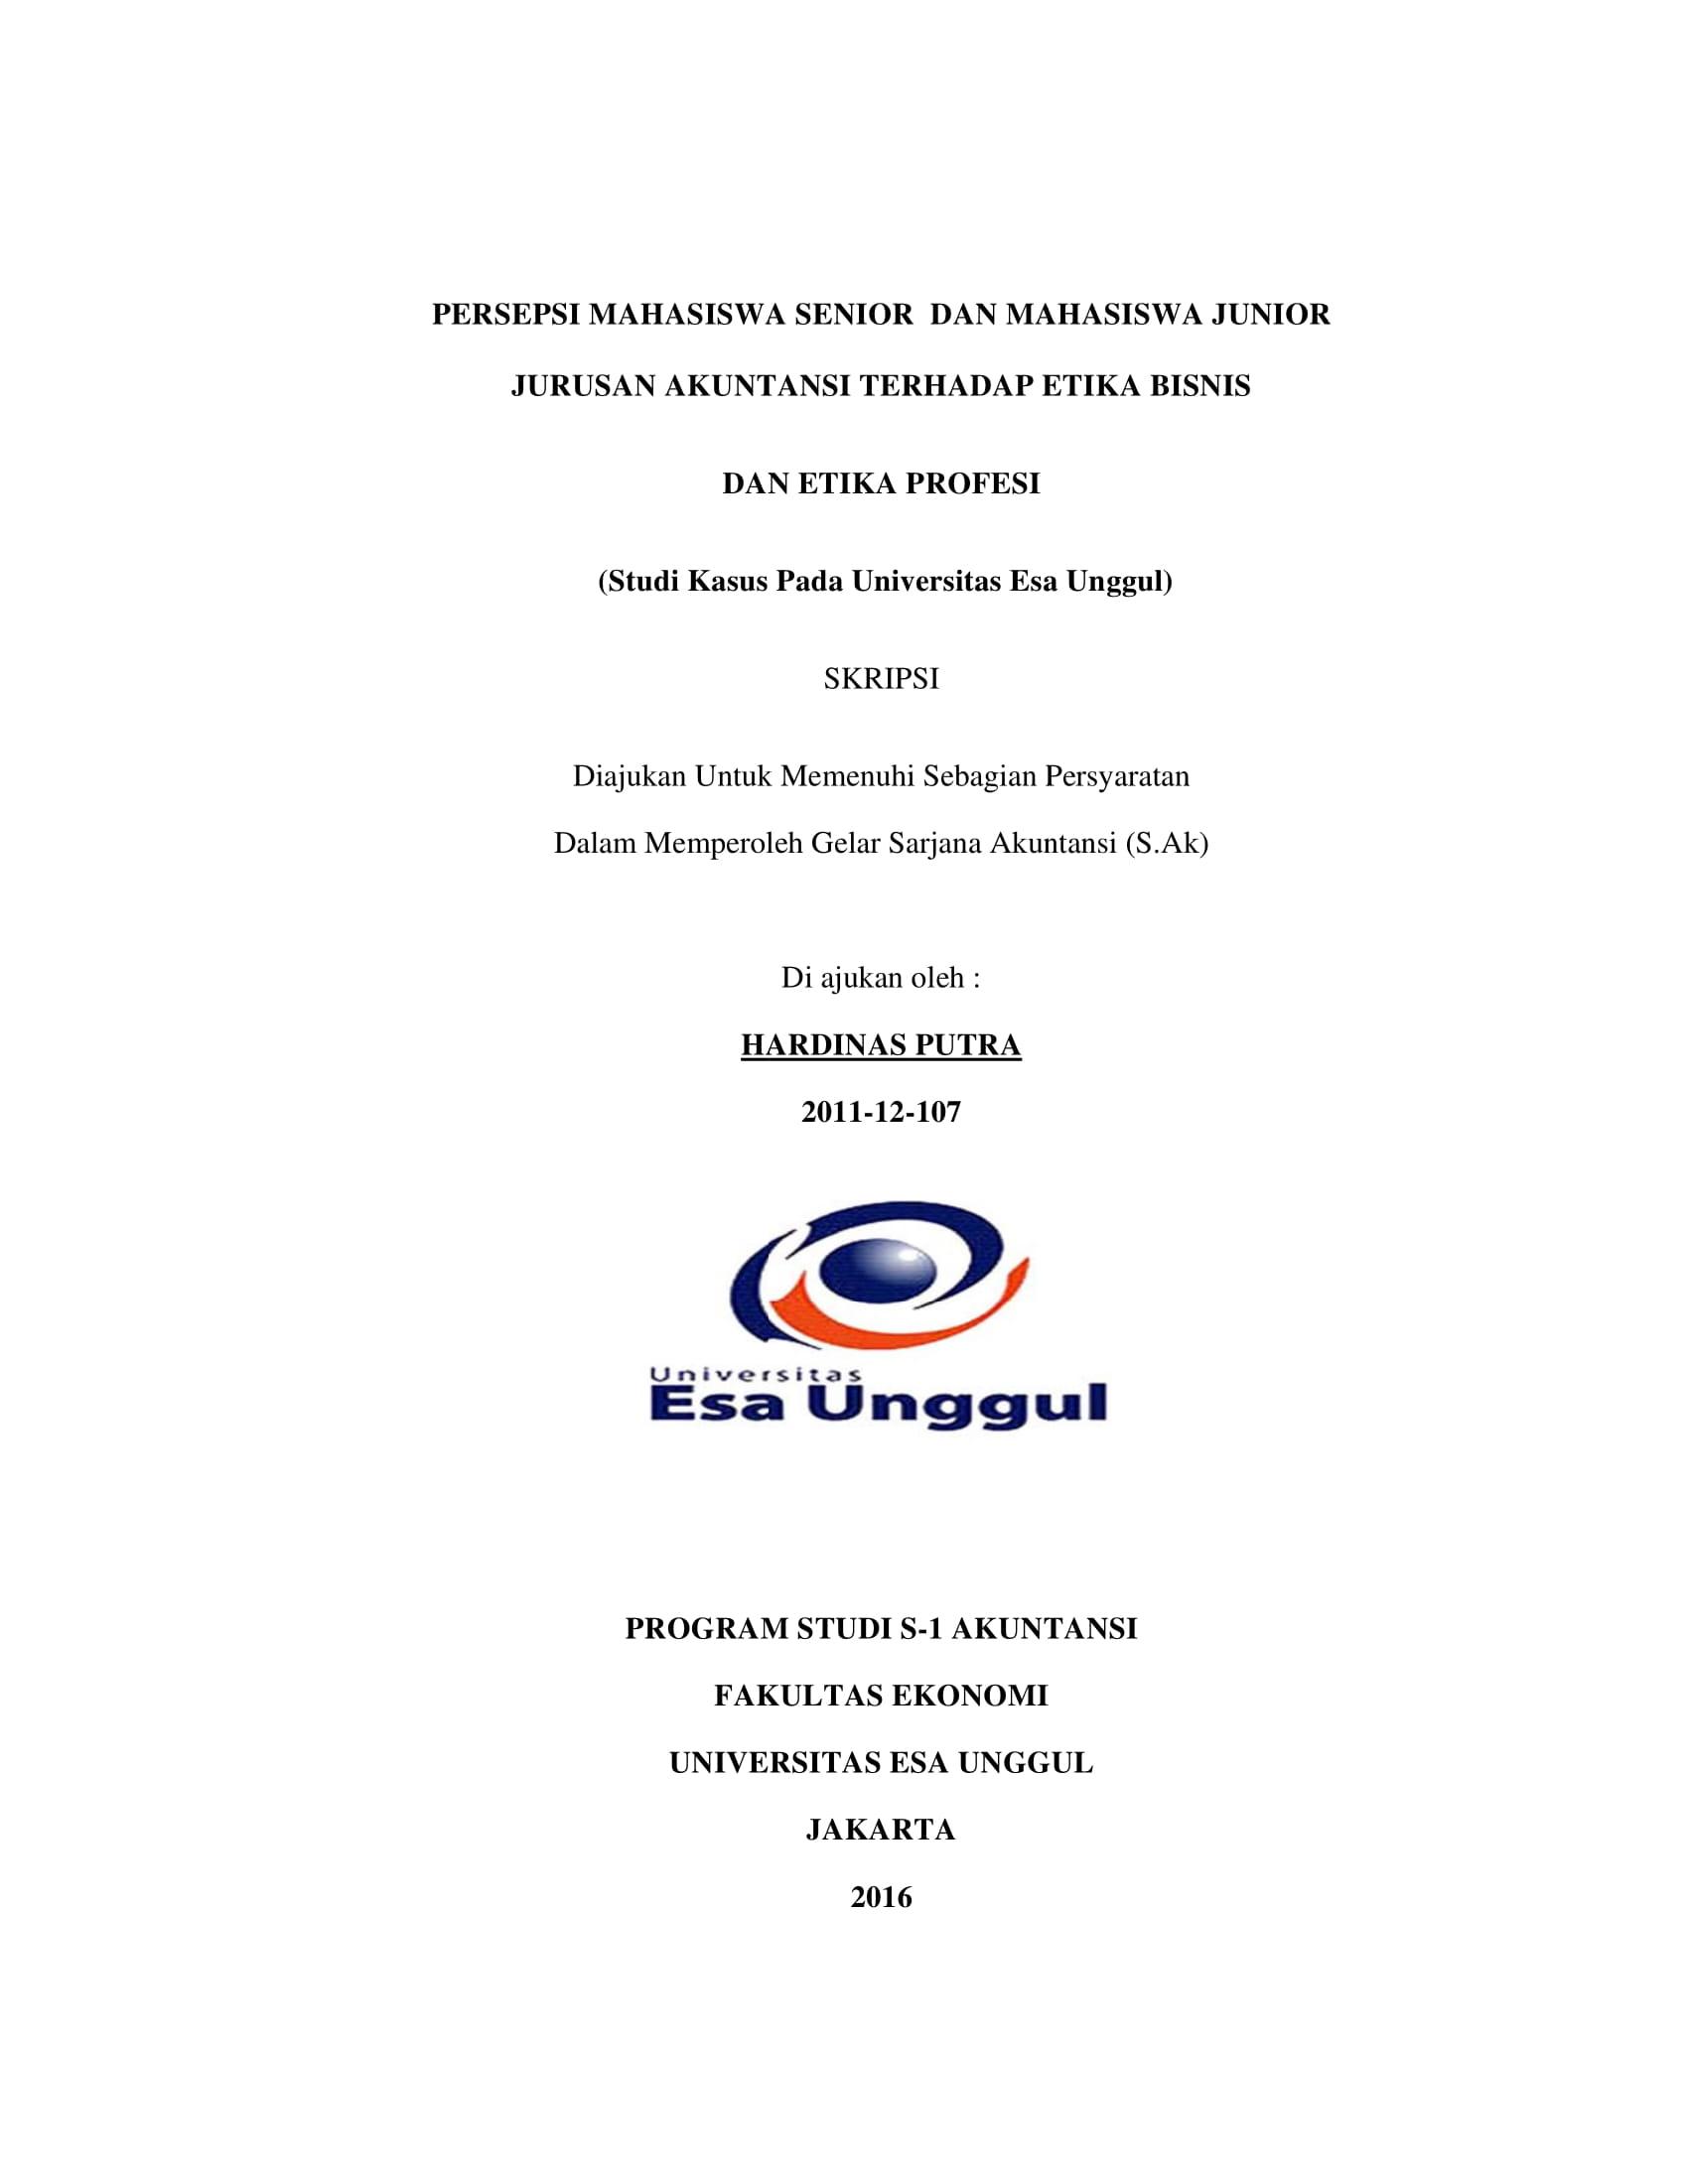 Persepsi Mahasiswa Senior dan Mahasiswa Junior Jurusan Akuntansi Terhadap Mata Kuliah Etika Bisnis dan Etika Profesi (Studi Kasus Pada Universitas Esa Unggul)